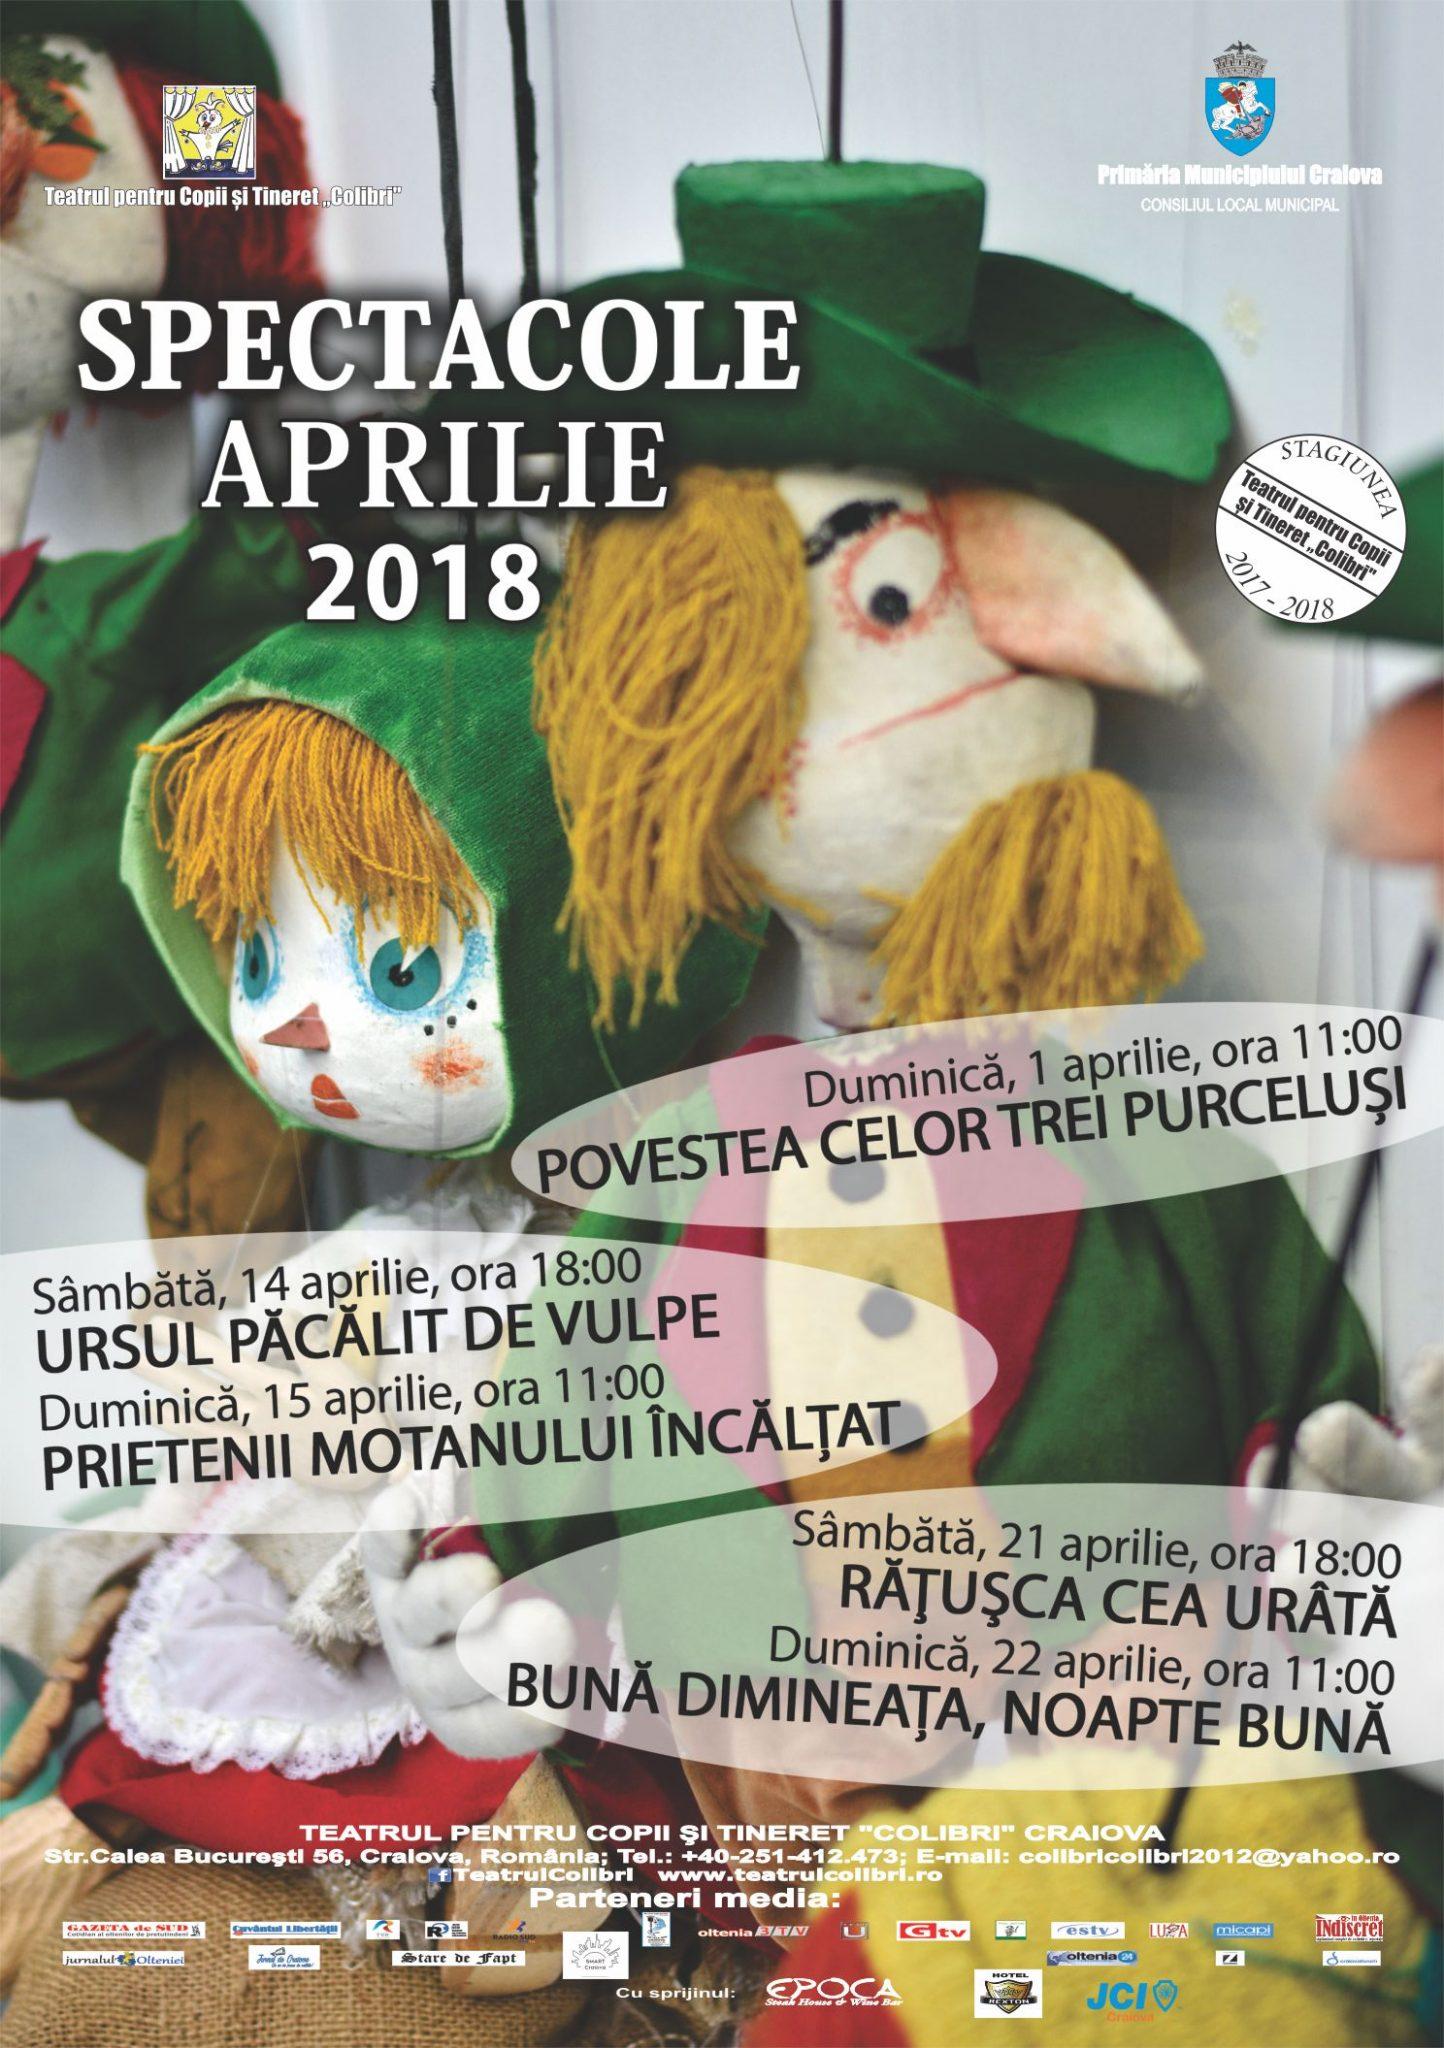 Spectacole în week-end și ateliere de creație, de luni, la Teatrul Colibri